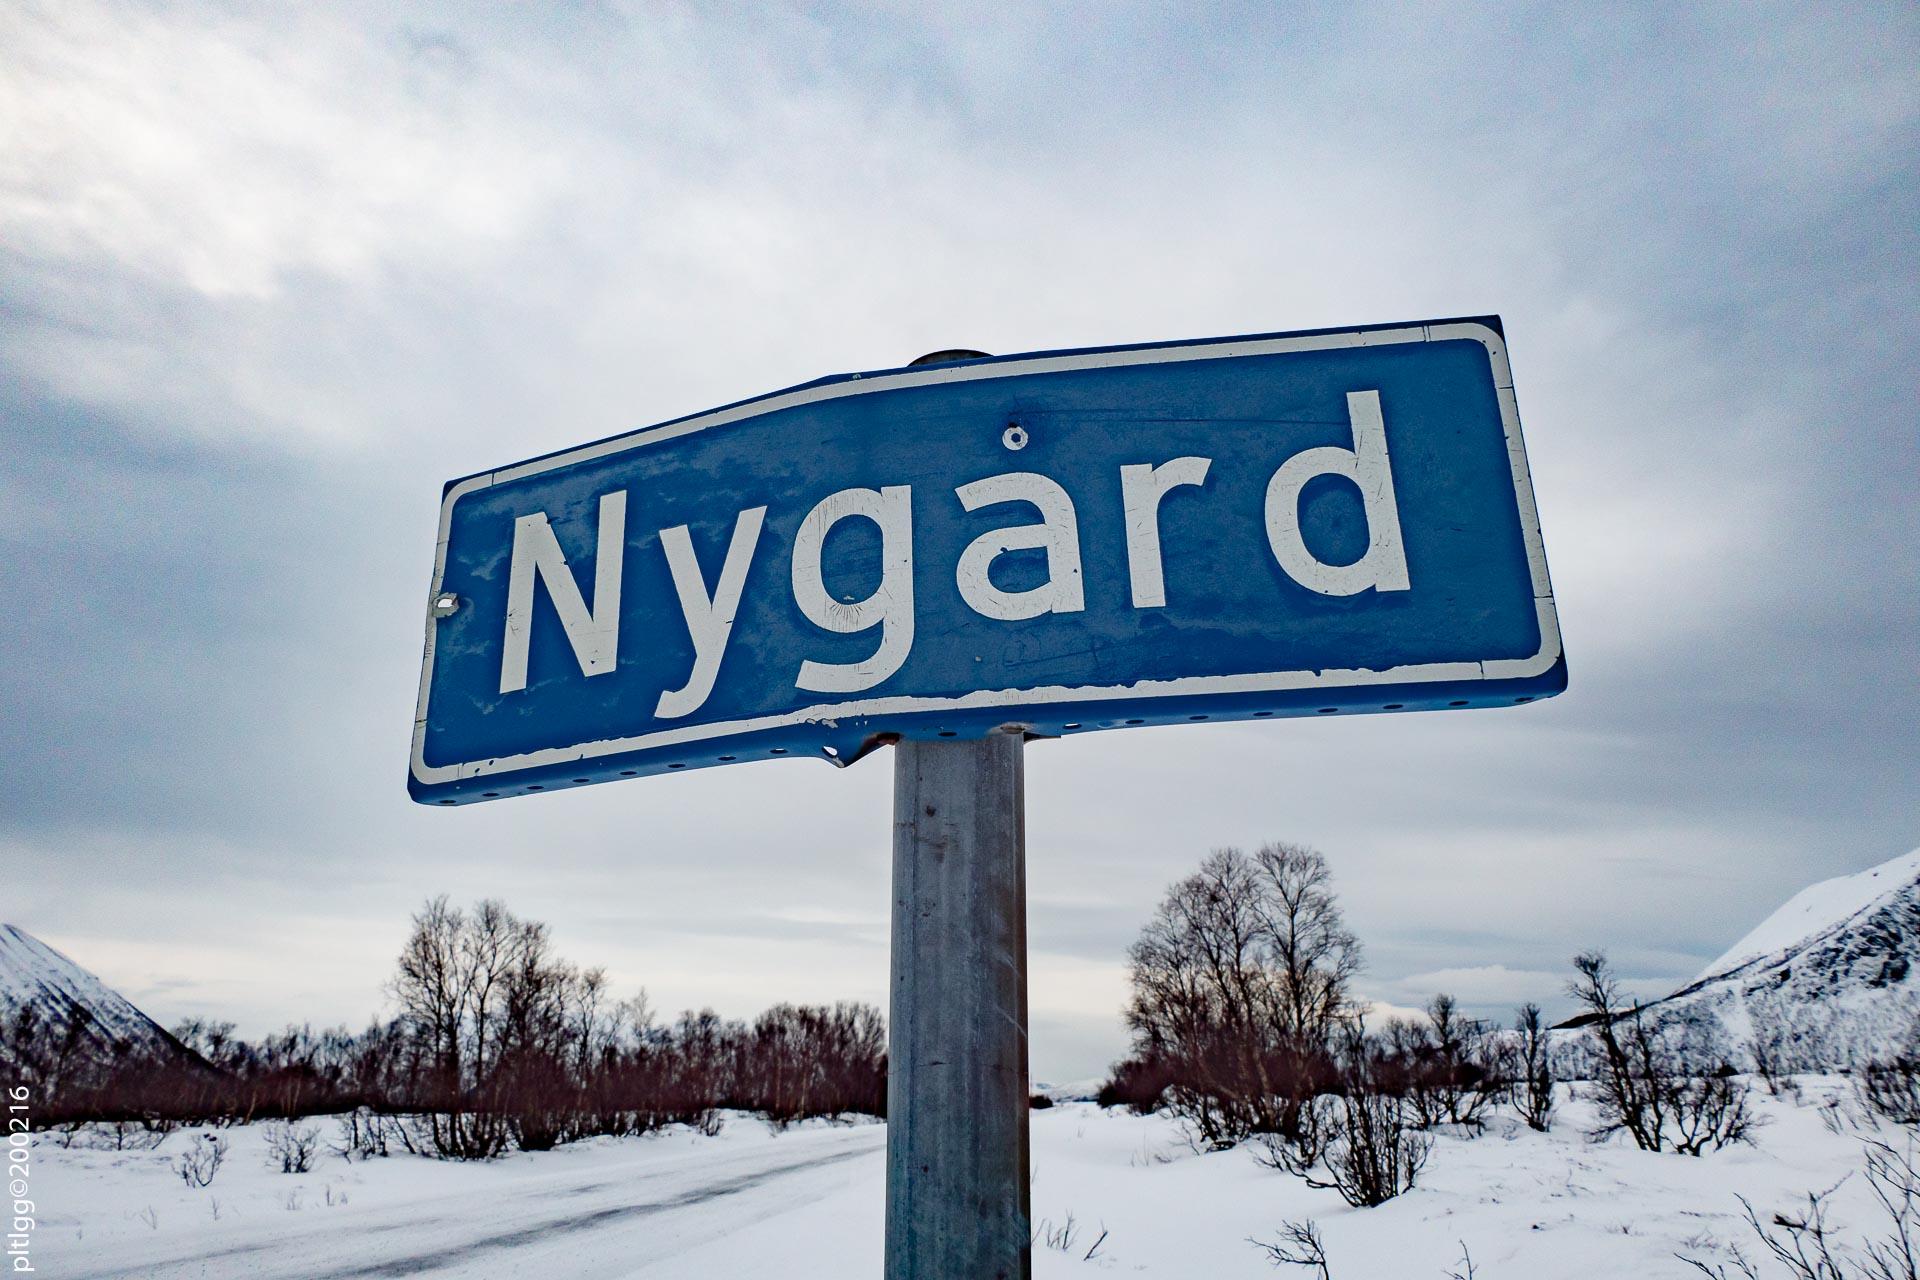 Nygård